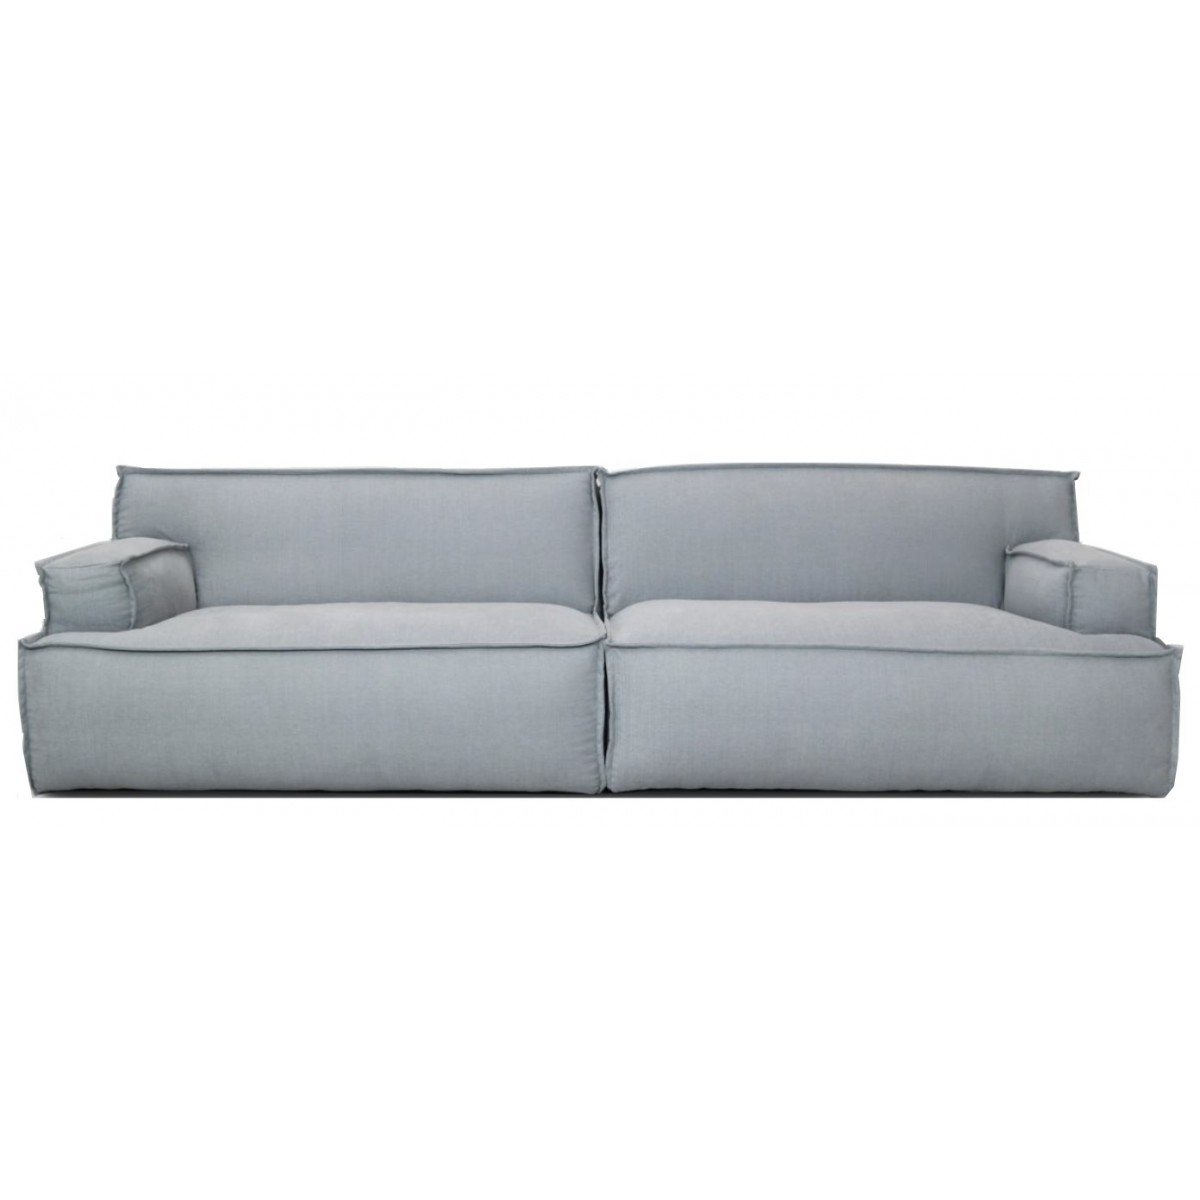 le-noir-baron-barletta-ranch-kiss-caleido-corduroy-sofa-elementen